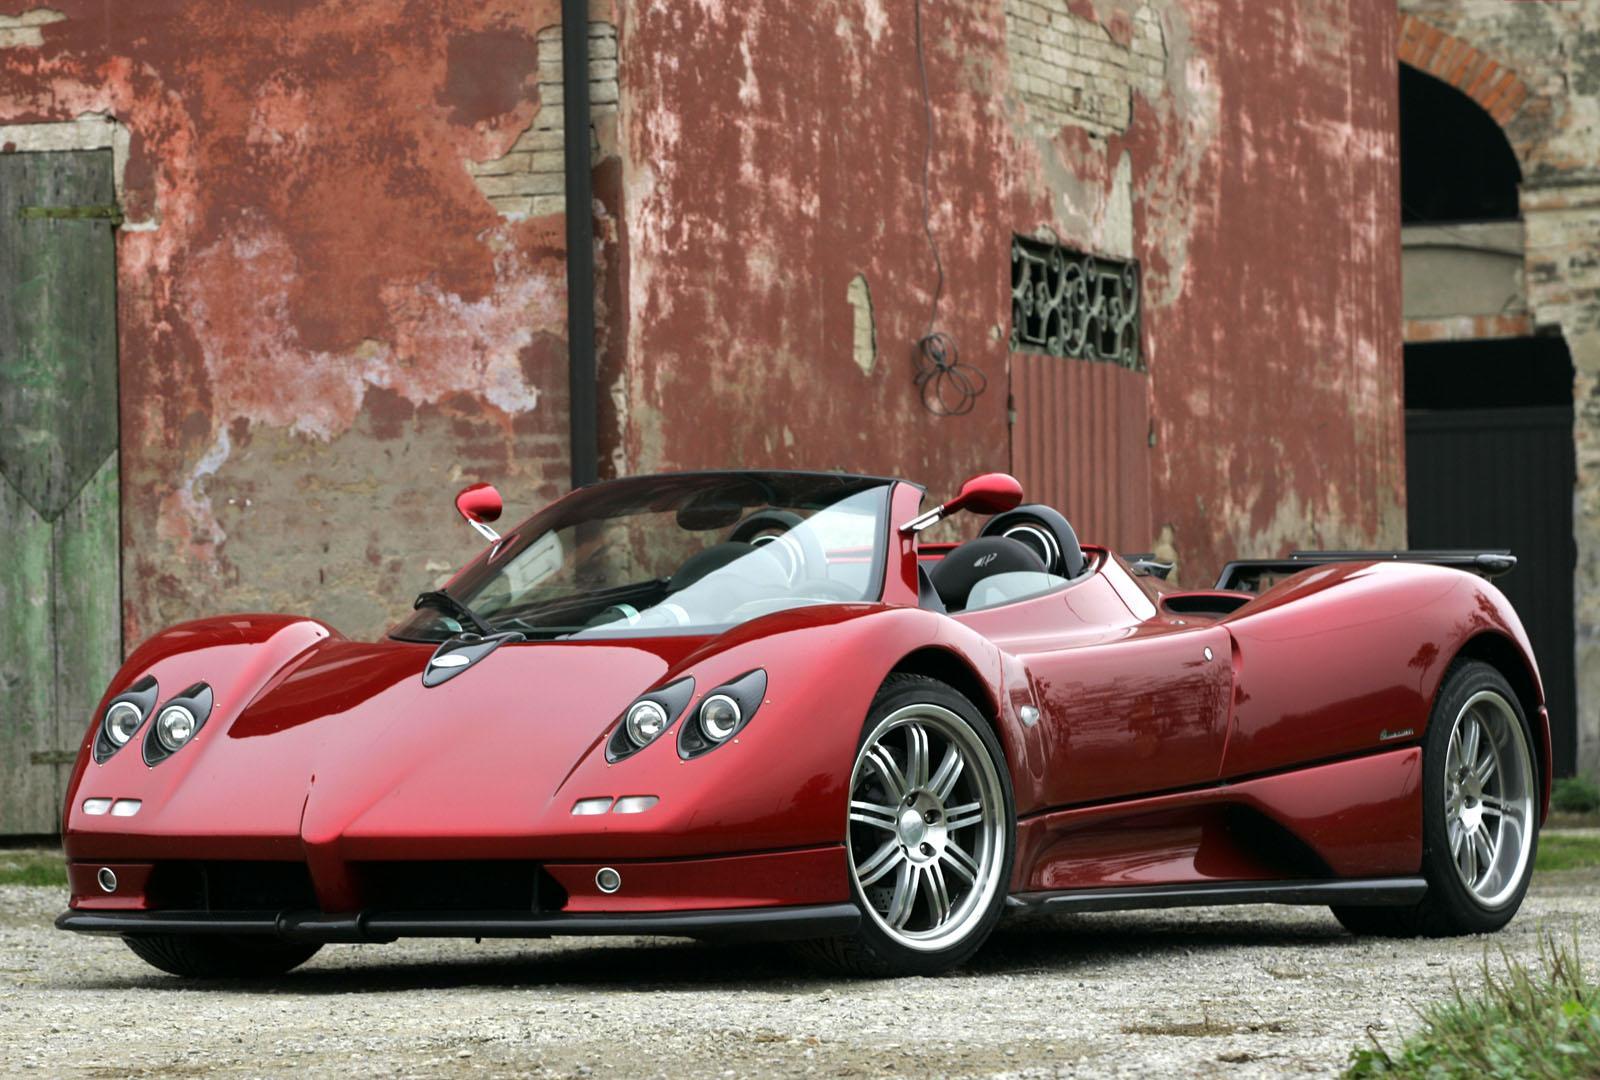 Cinque Pagani Zonda Roadster, Luxury Cars Worth 1.3 Million Euro